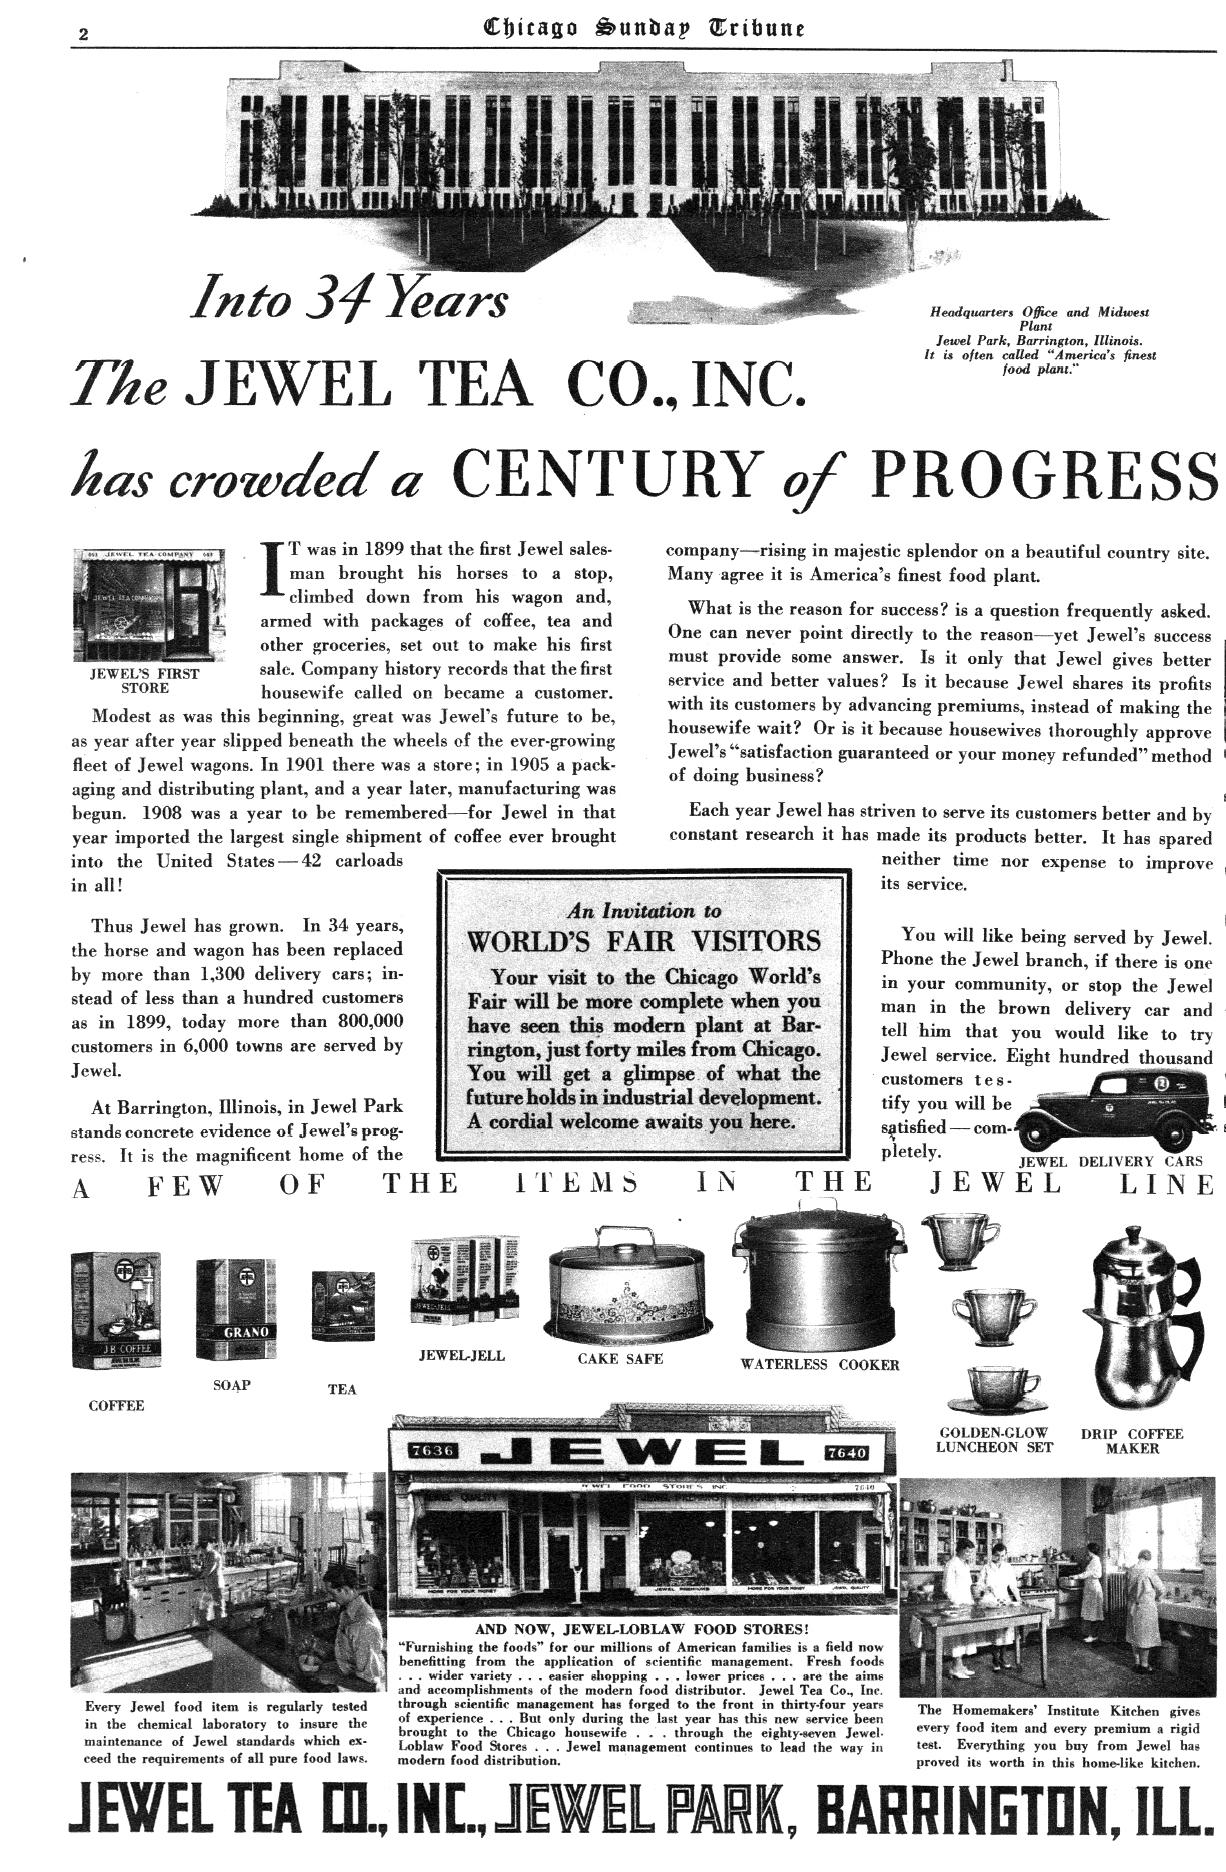 Jewel Tea Company